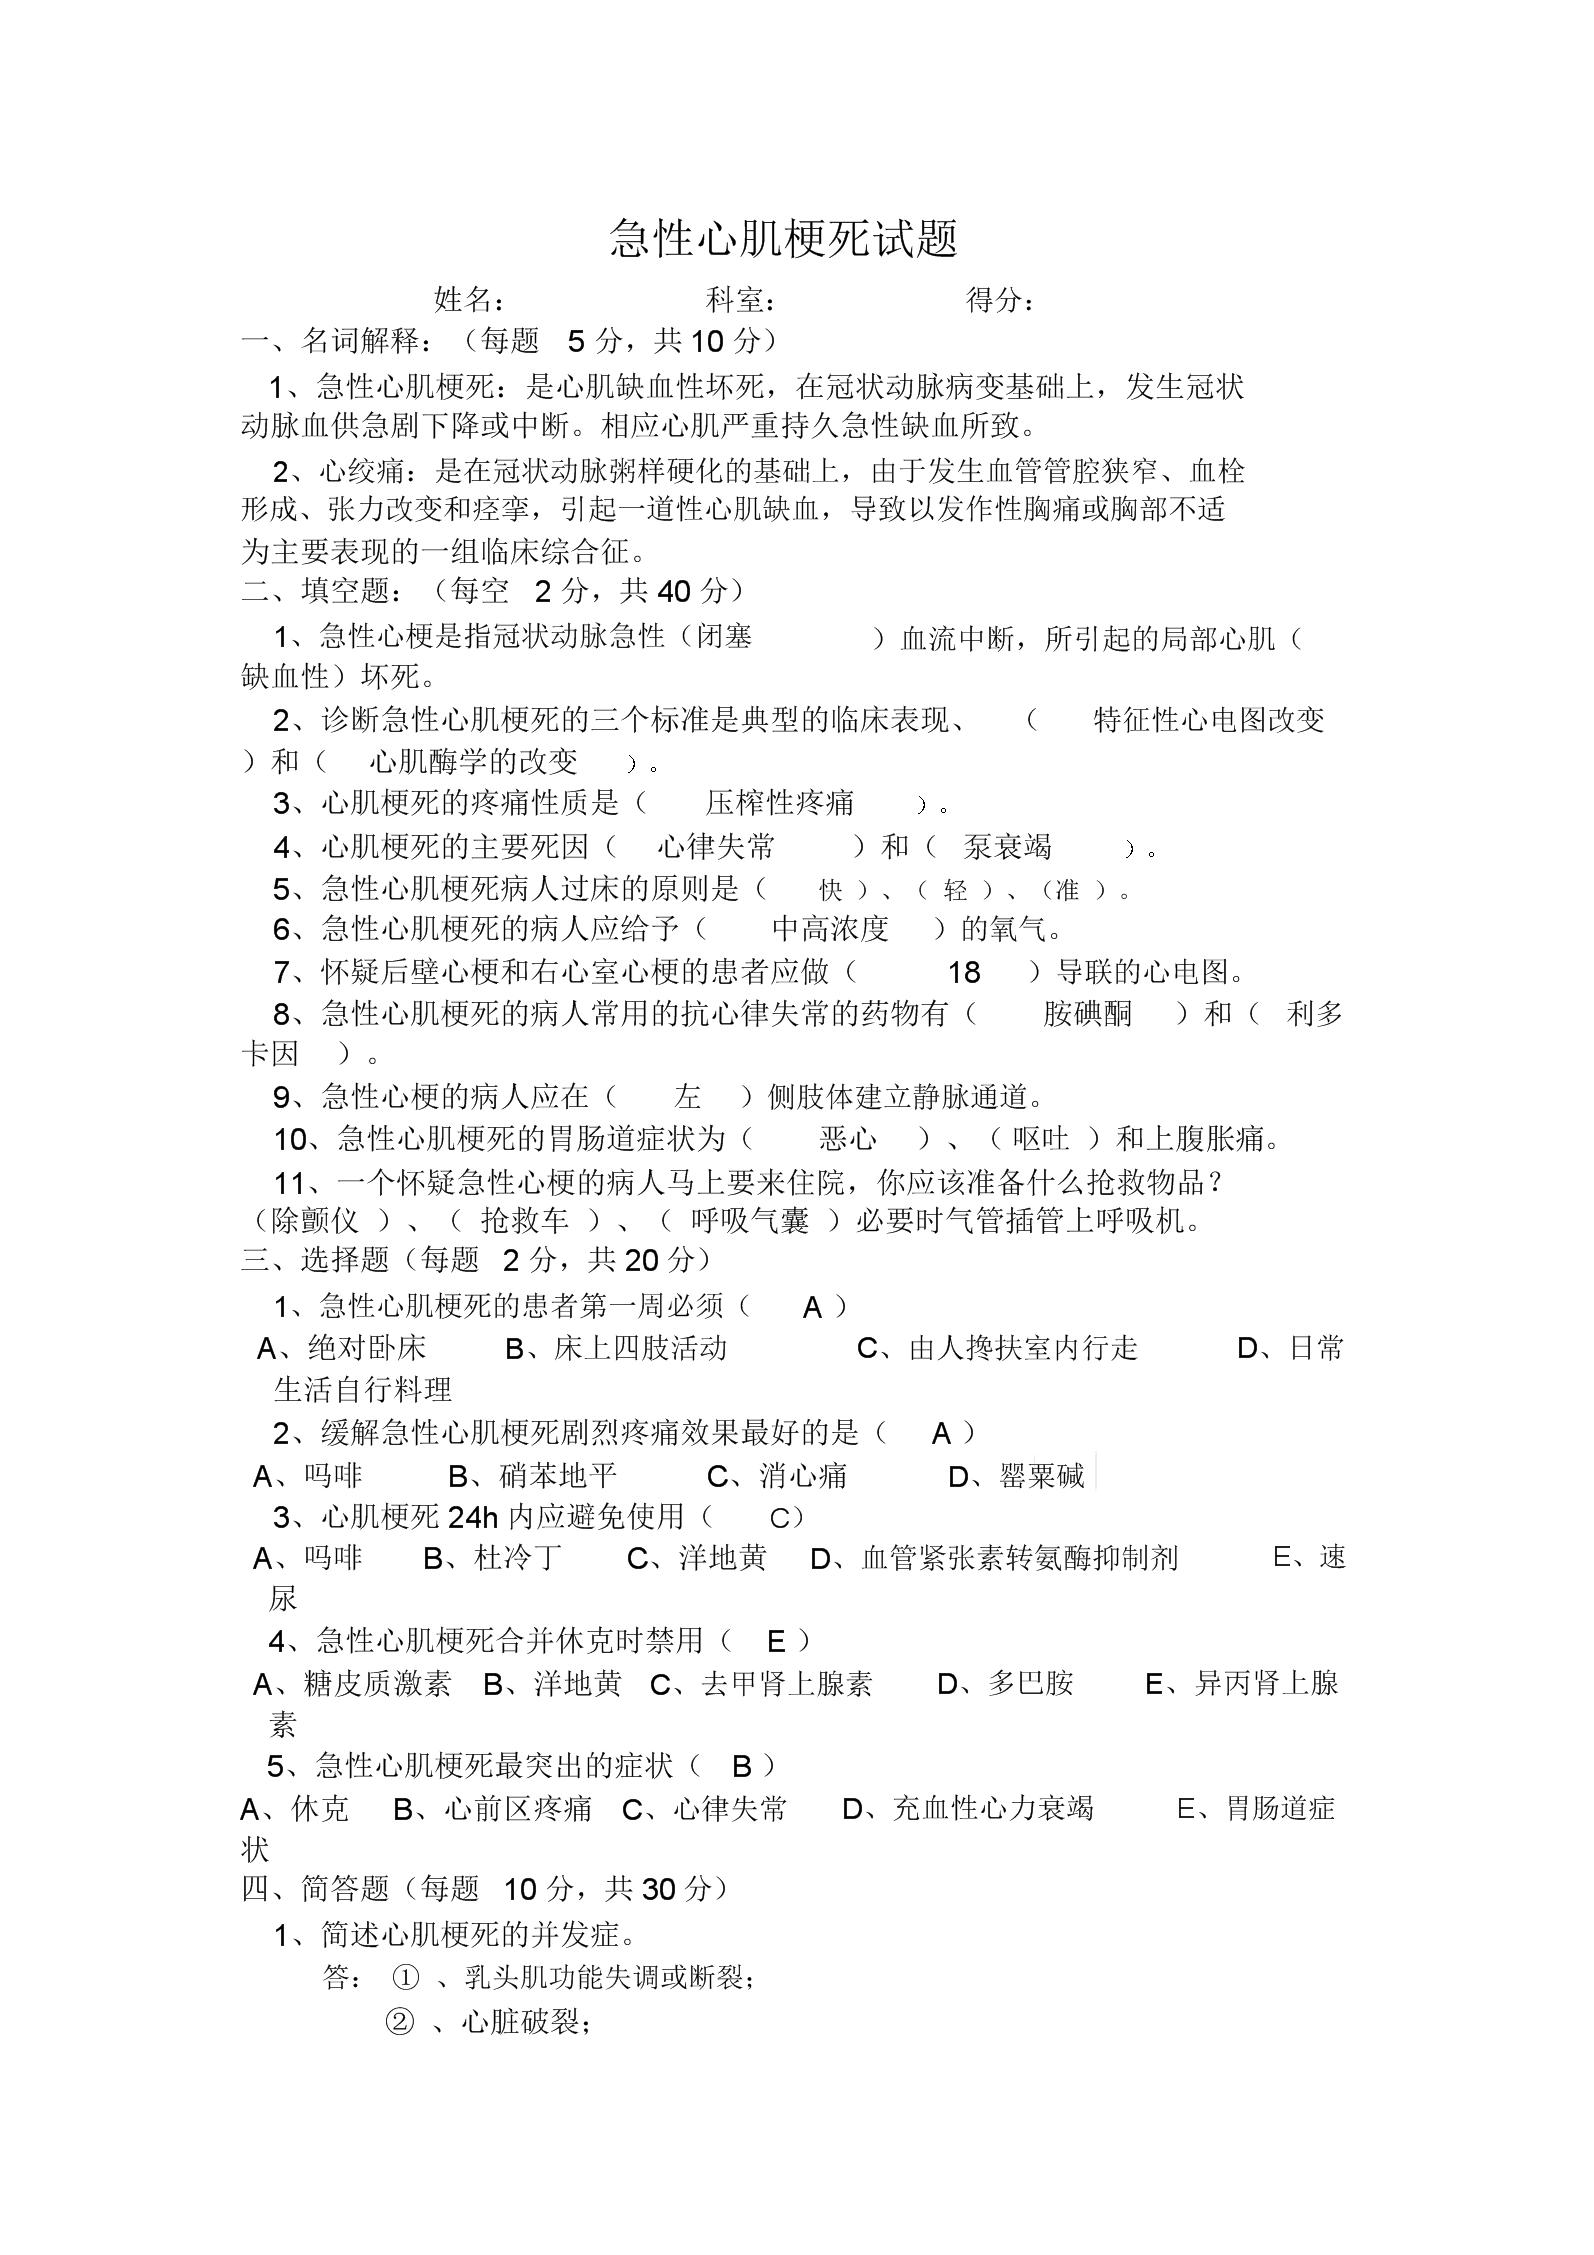 急性心肌梗死试题(精品文档)_共3页.docx